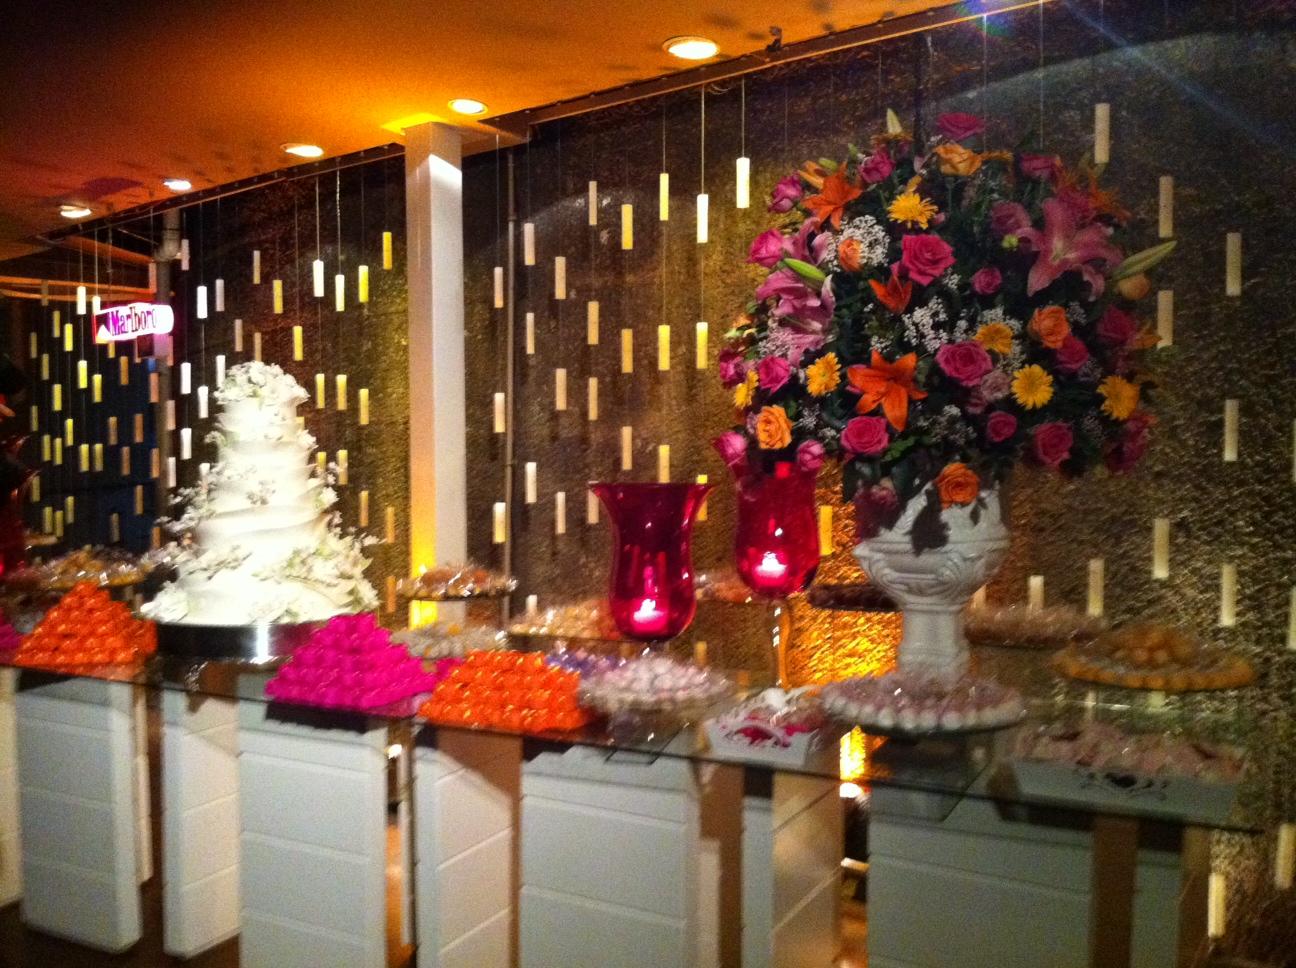 Detalhe da decoração da festa